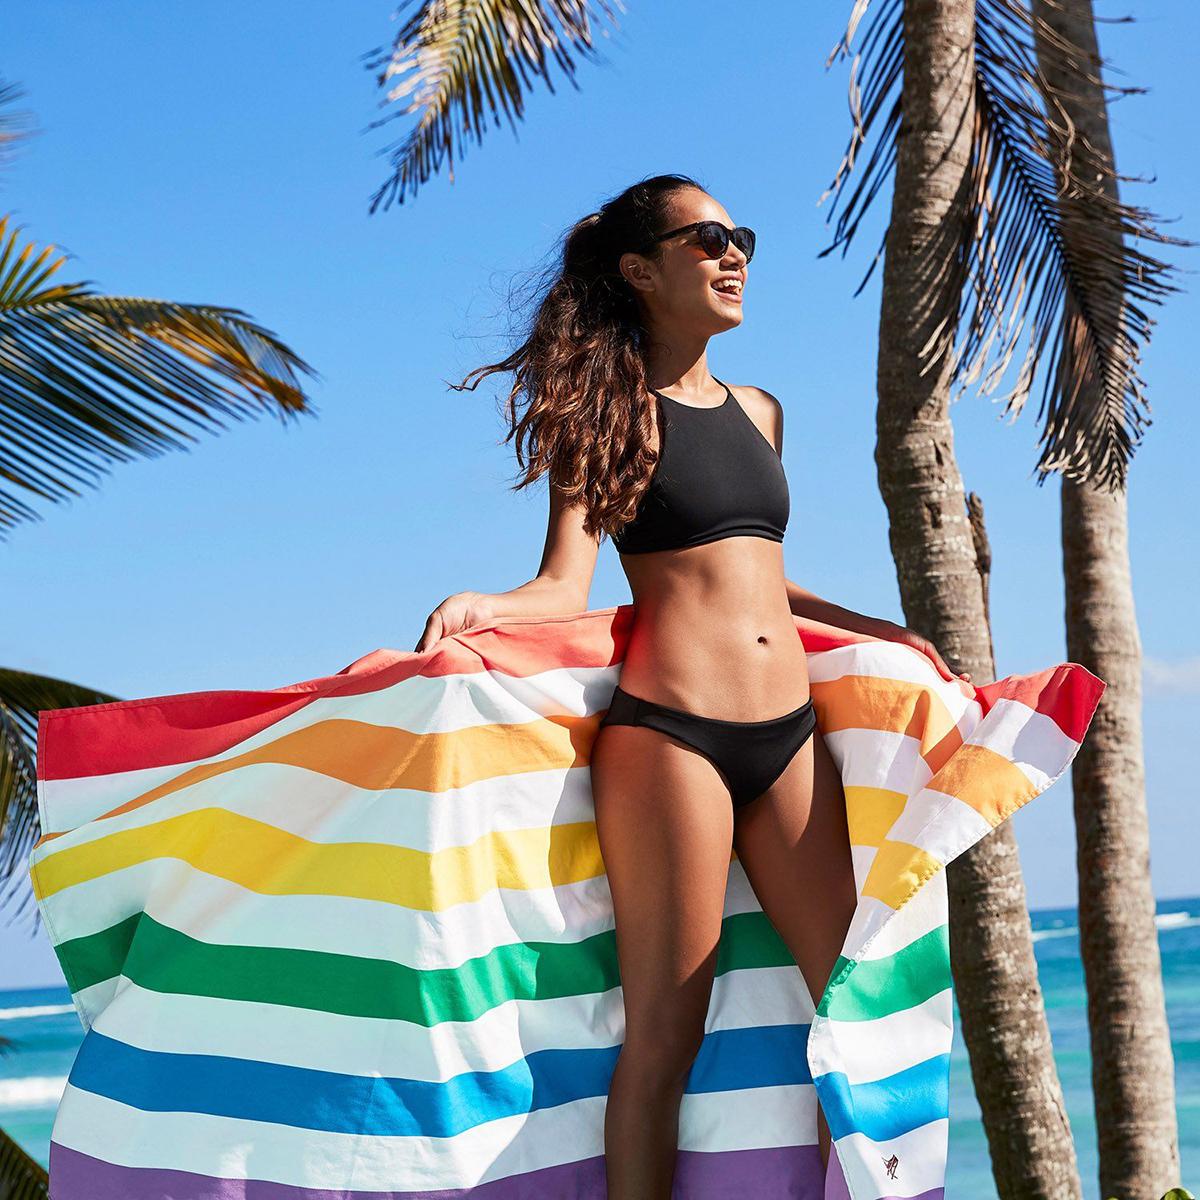 世界のビーチから生まれた「バカンスタオル」 | 水をサッと吸収、砂がつかないマイクロファイバー製